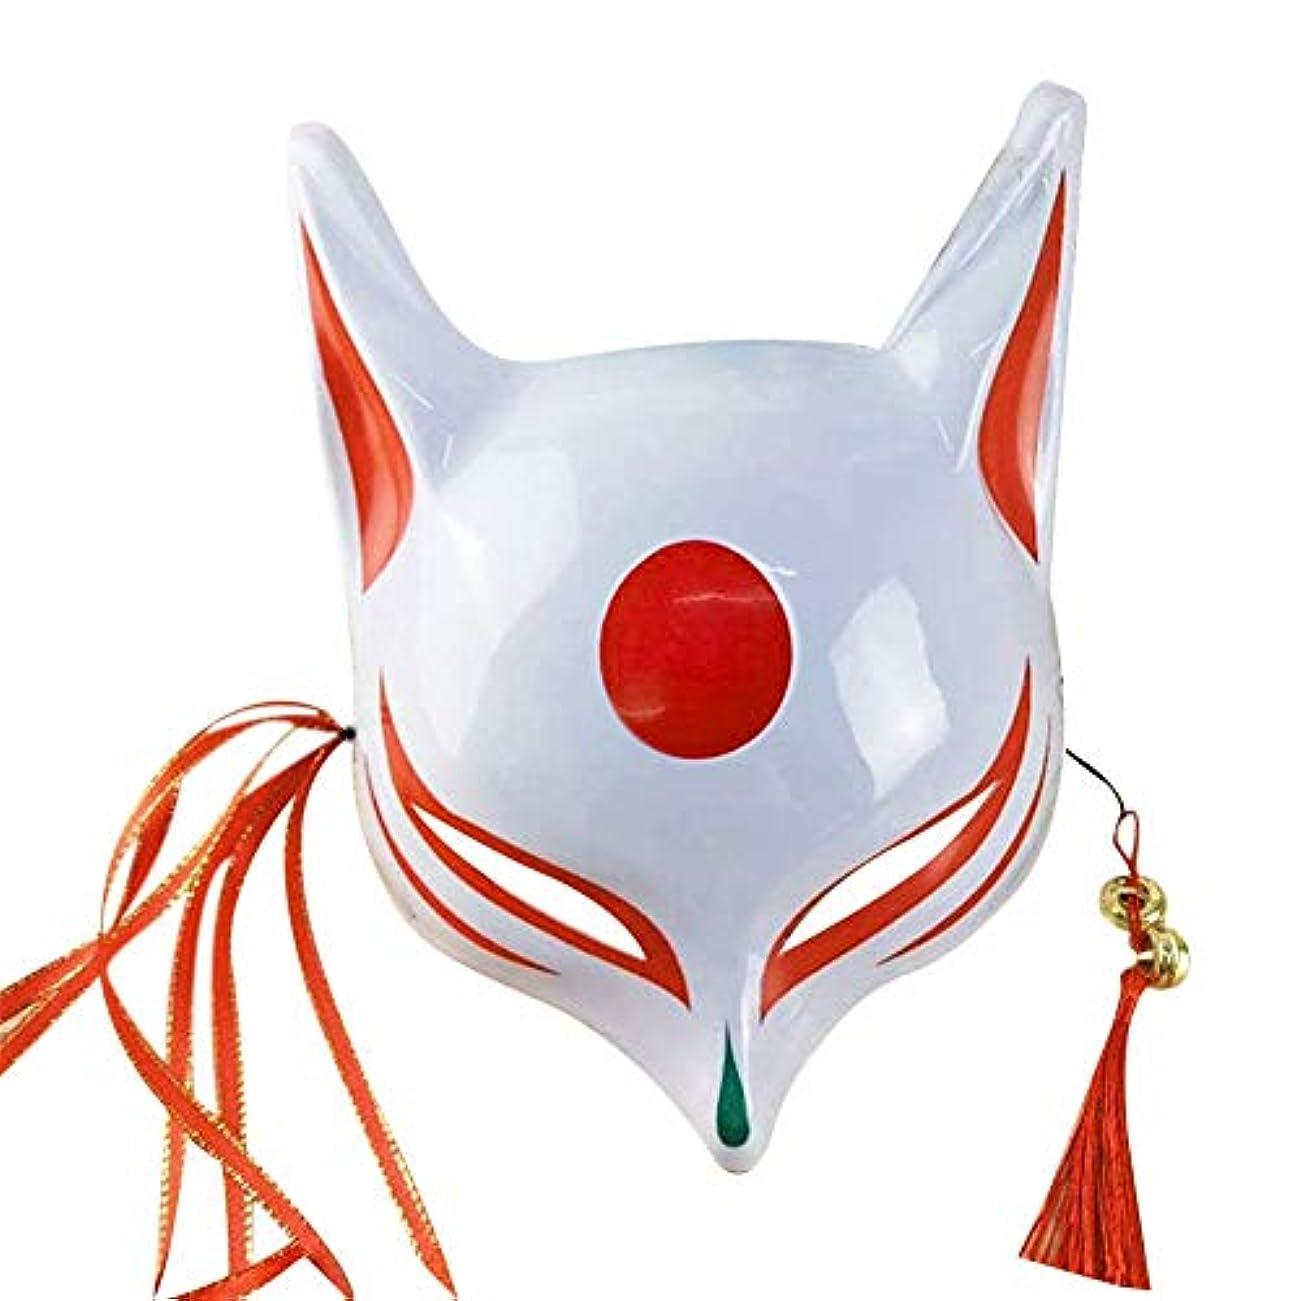 軽食科学バイオリニストKISSION手描きのマスクフォックスハーフフェイスマスクロールプレイ仮装ドレスアップ マスクバーパーティー キツネの妖精の半分の顔 和風の手描き